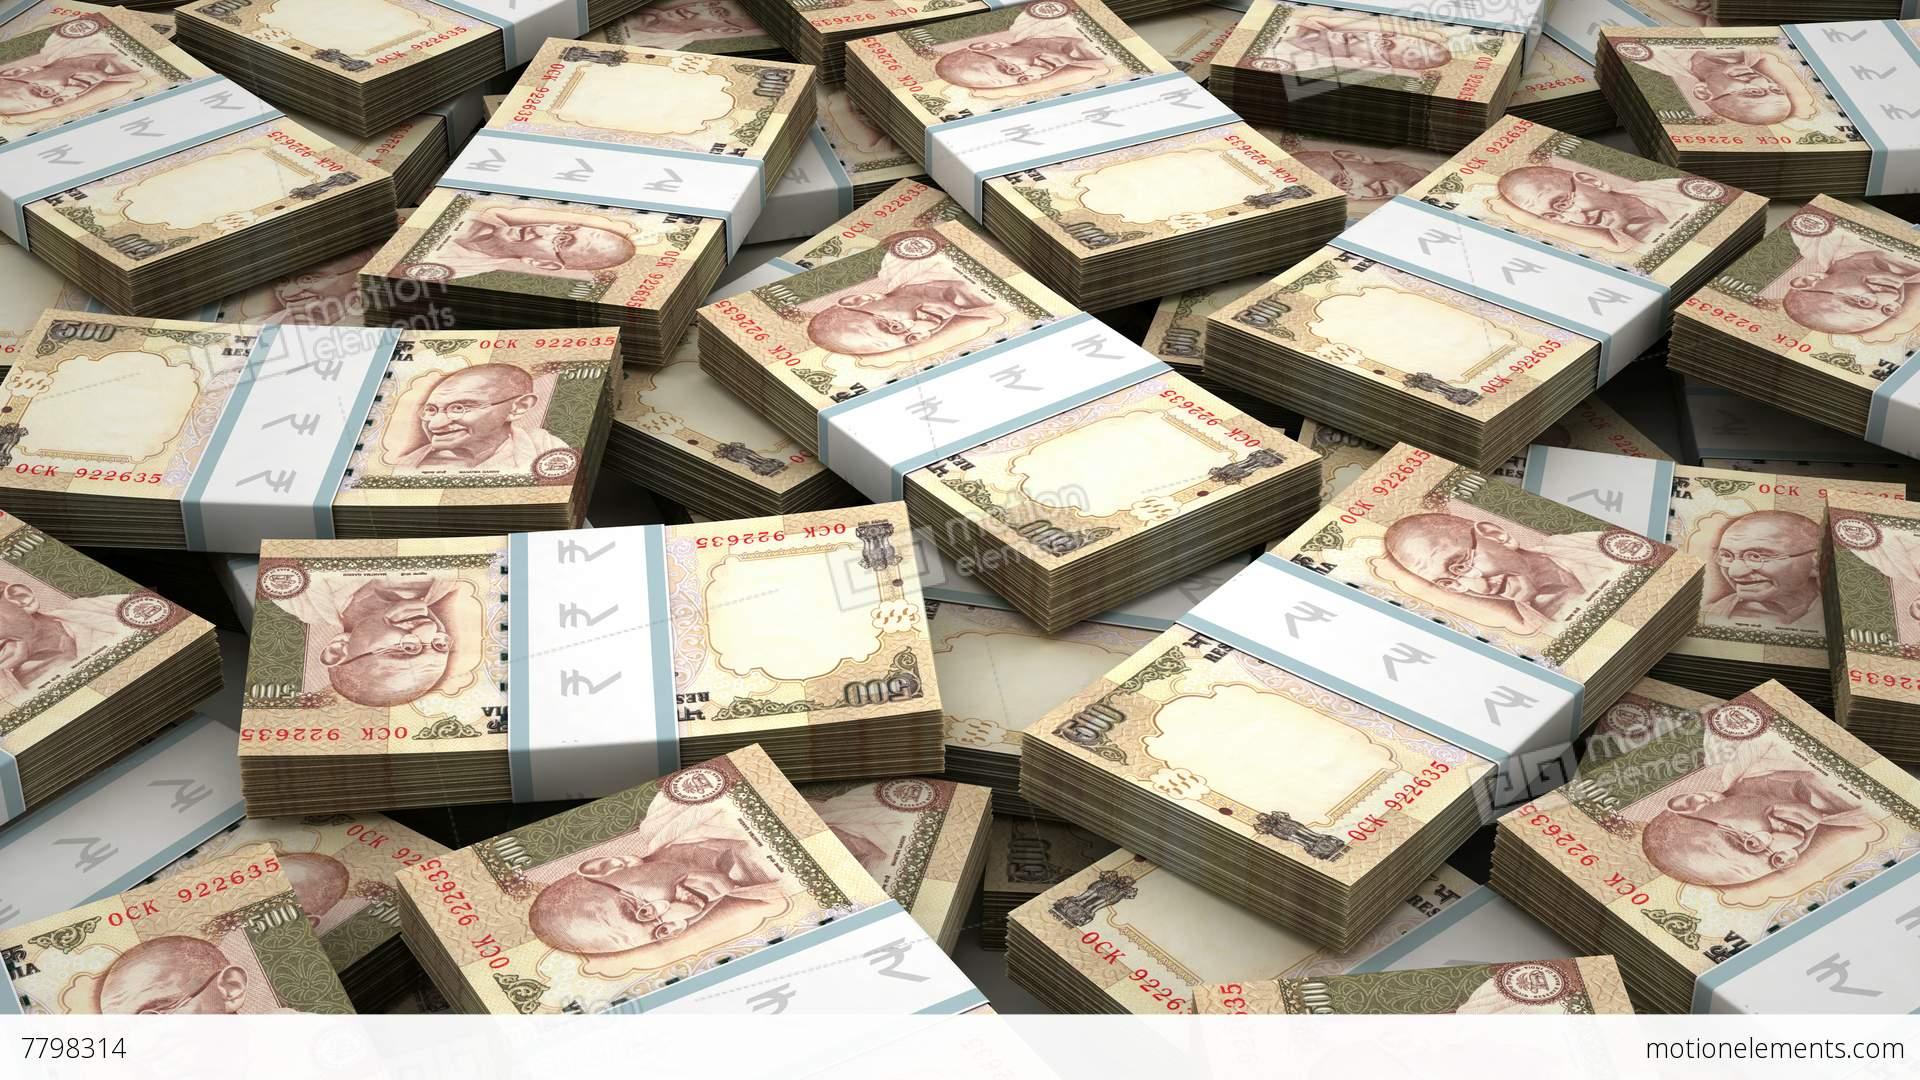 काठमाडौंबाट ५० लाख भारतीय रुपैयाँ बरामद